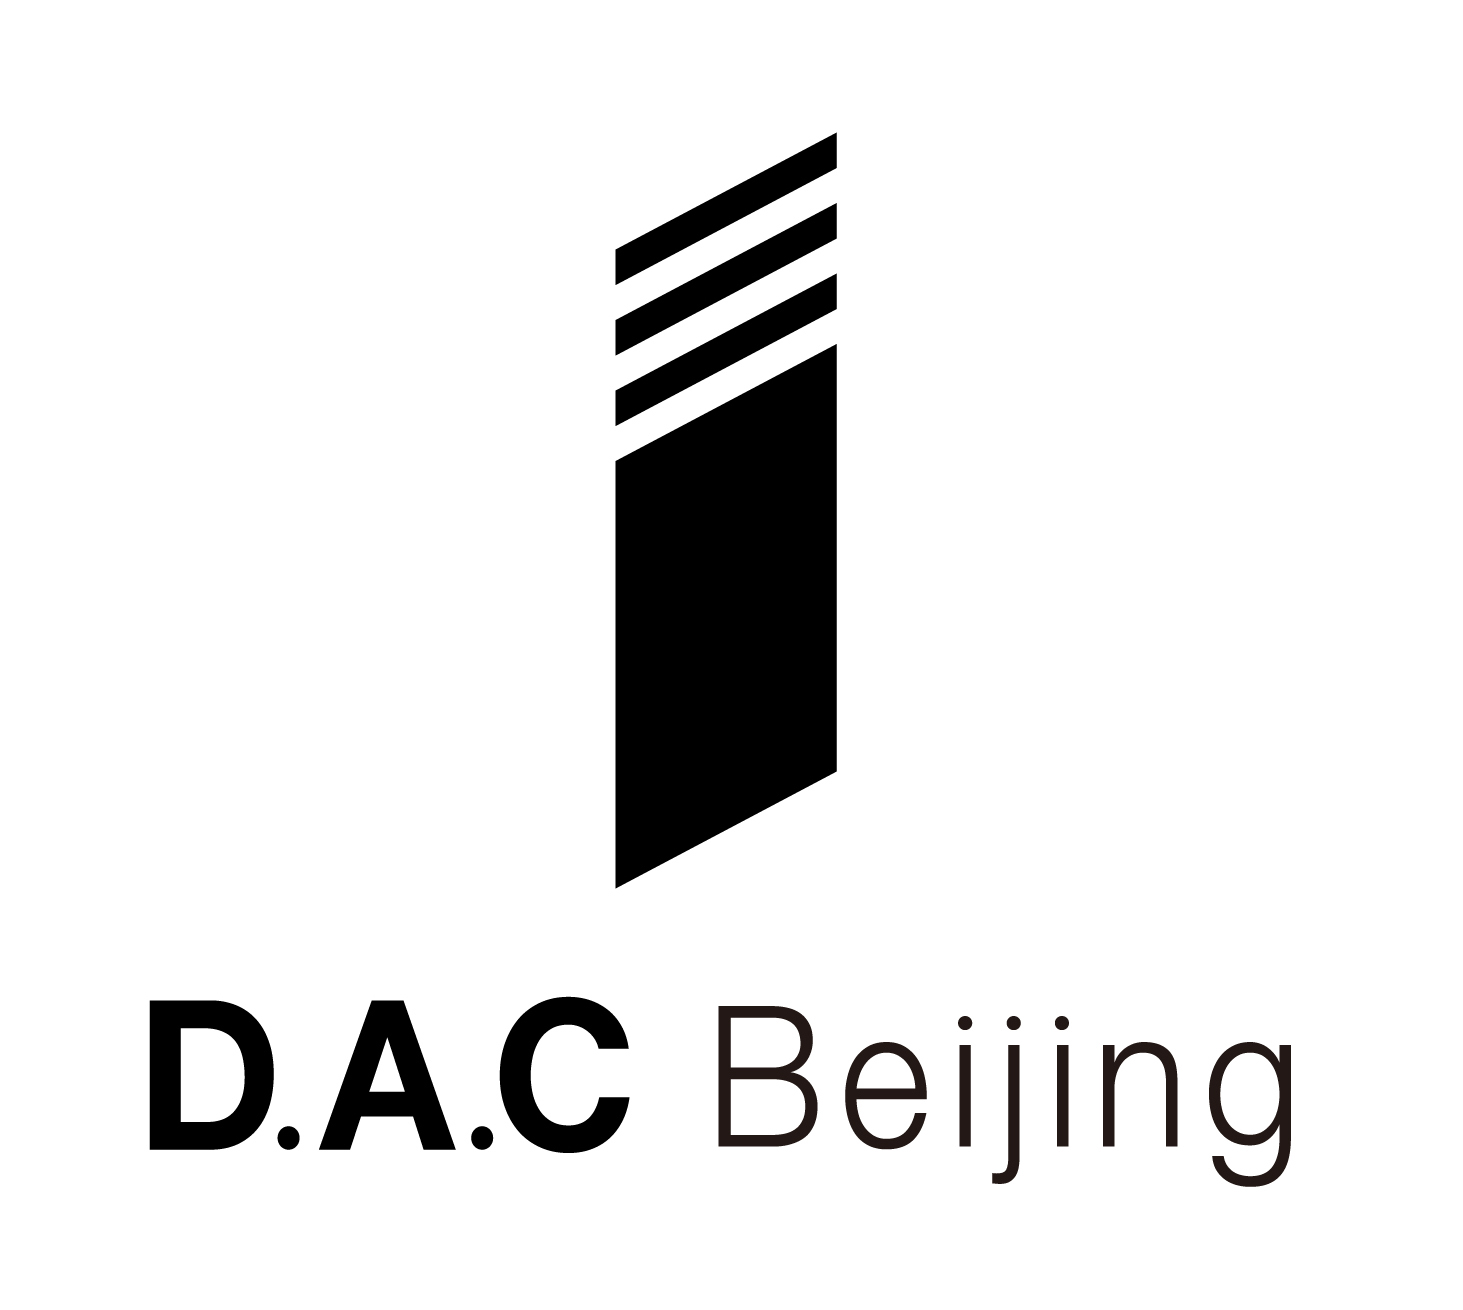 北京迪爱慈广告有限公司营业经理日企招聘信息